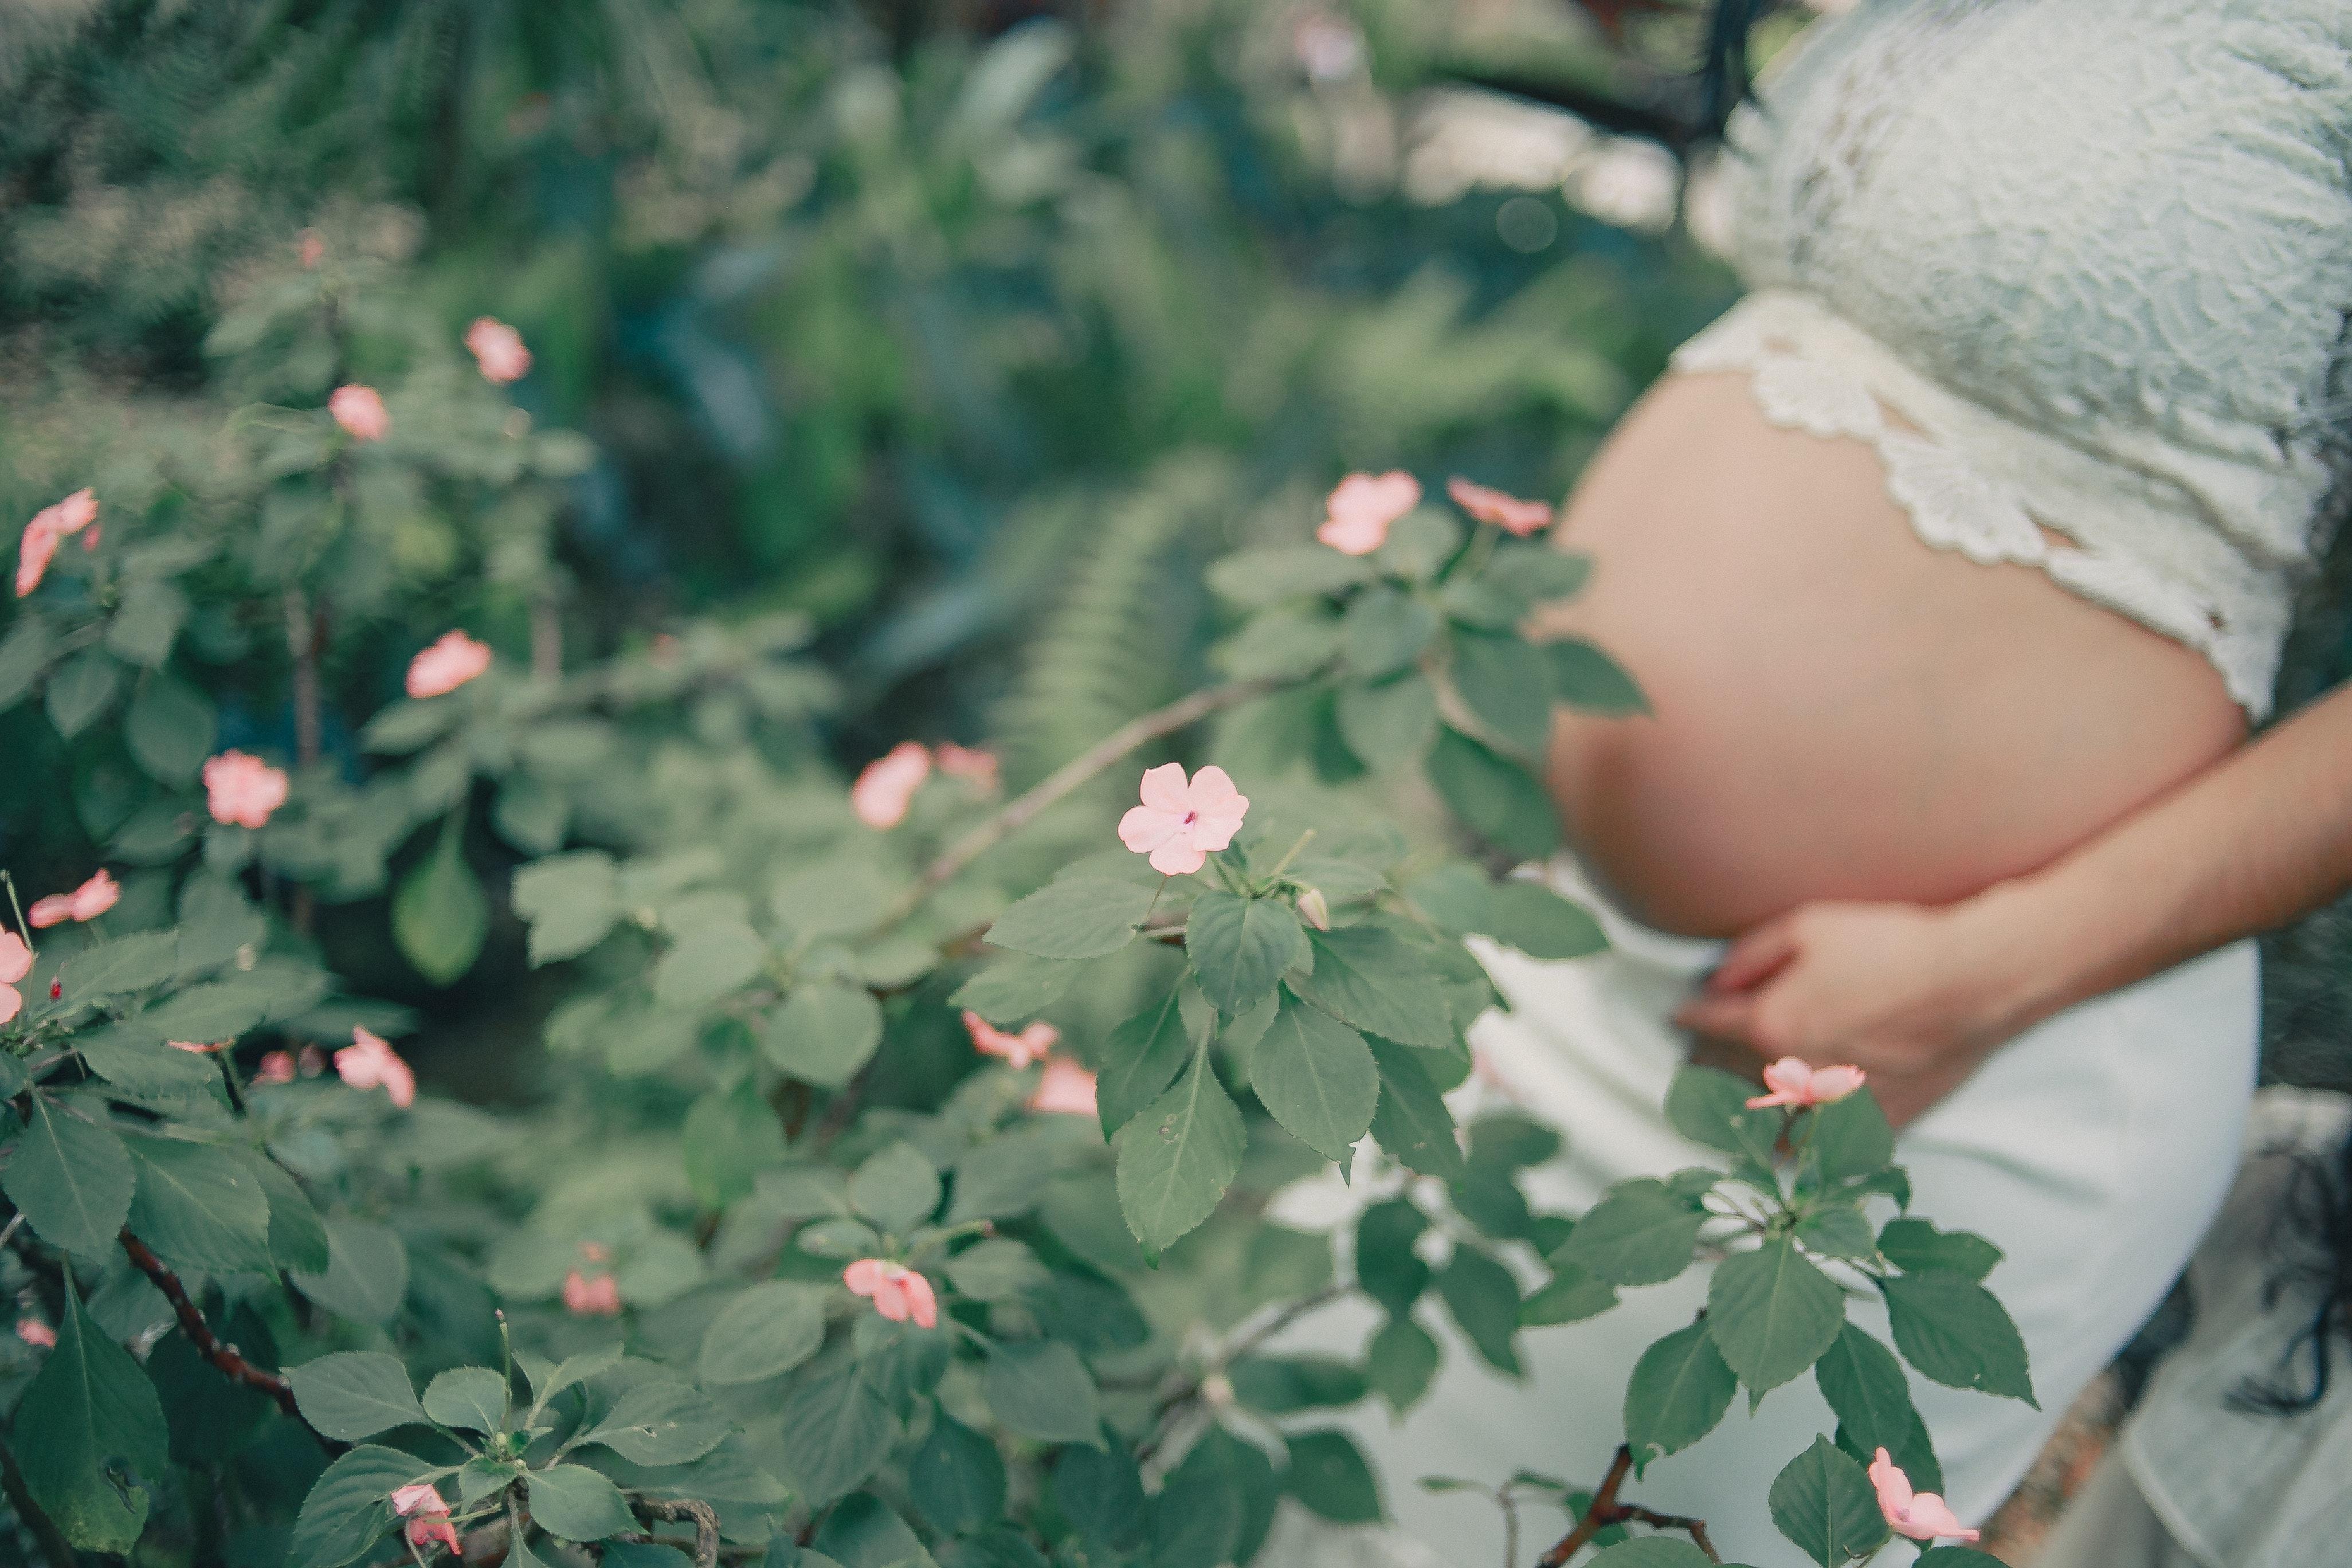 Provereno: Kosa u trudnoći brže raste